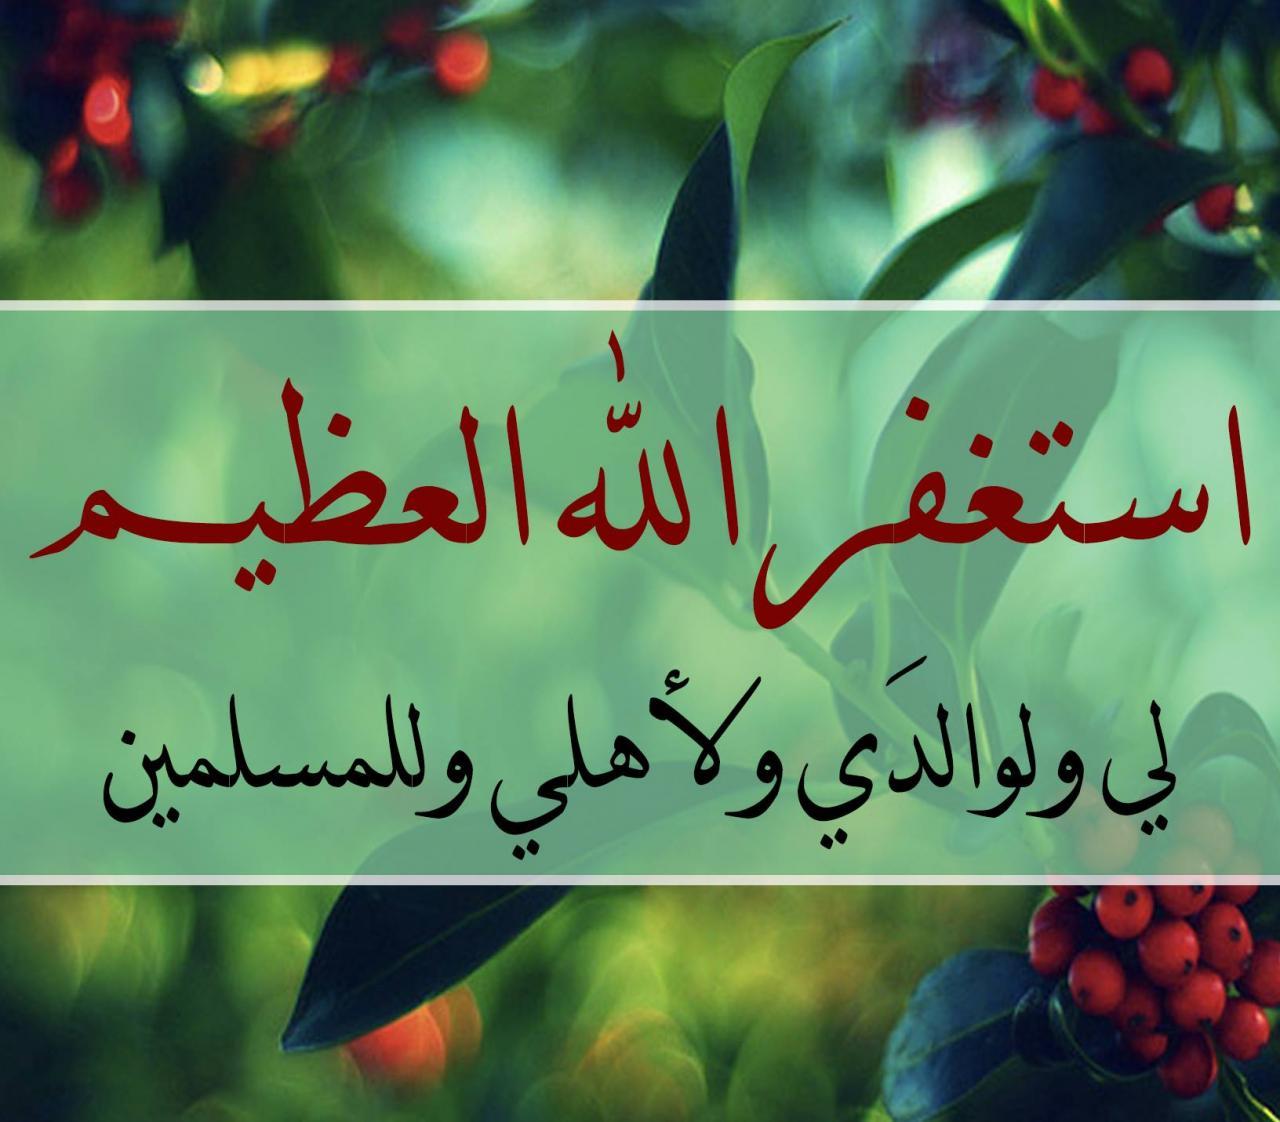 صورة صور دينيه اسلاميه , اجمل الخلفيات الدينيه